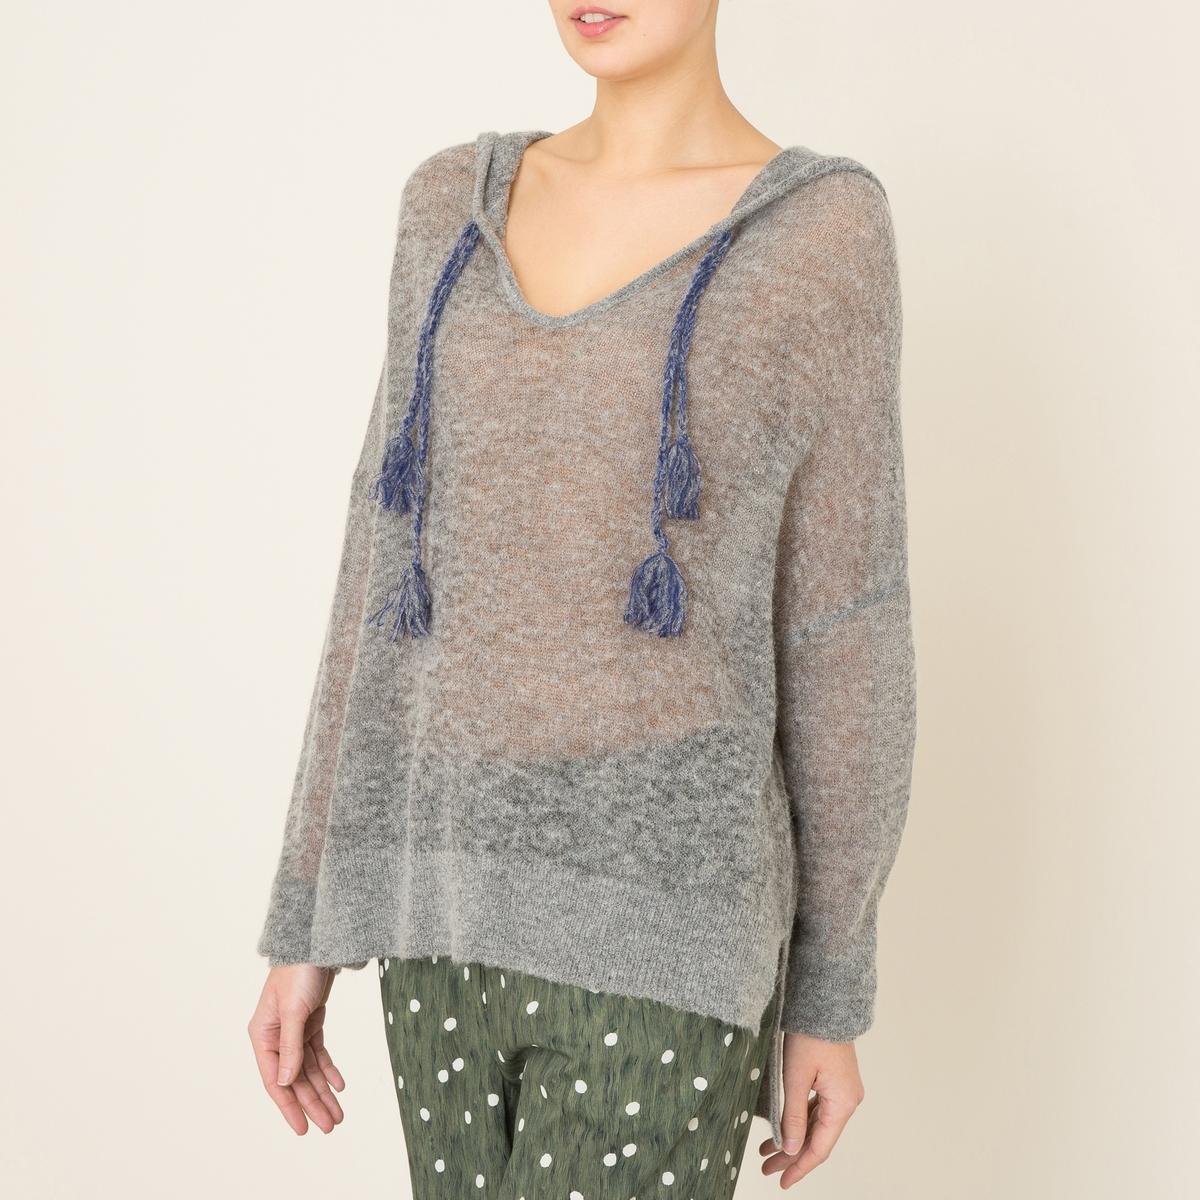 Пуловер с капюшоном MANGUITOПуловер LEON AND HARPER - модель MANGUITO с капюшоном . С завязками и помпонами . Низ со шлицами по бокам . Манжеты и низ в рубчик . Объемный покрой  . Состав и описание   Материал : 44% нейлона, 42% шерсти, 14% альпаки    Марка : LEON AND HARPER<br><br>Цвет: серый